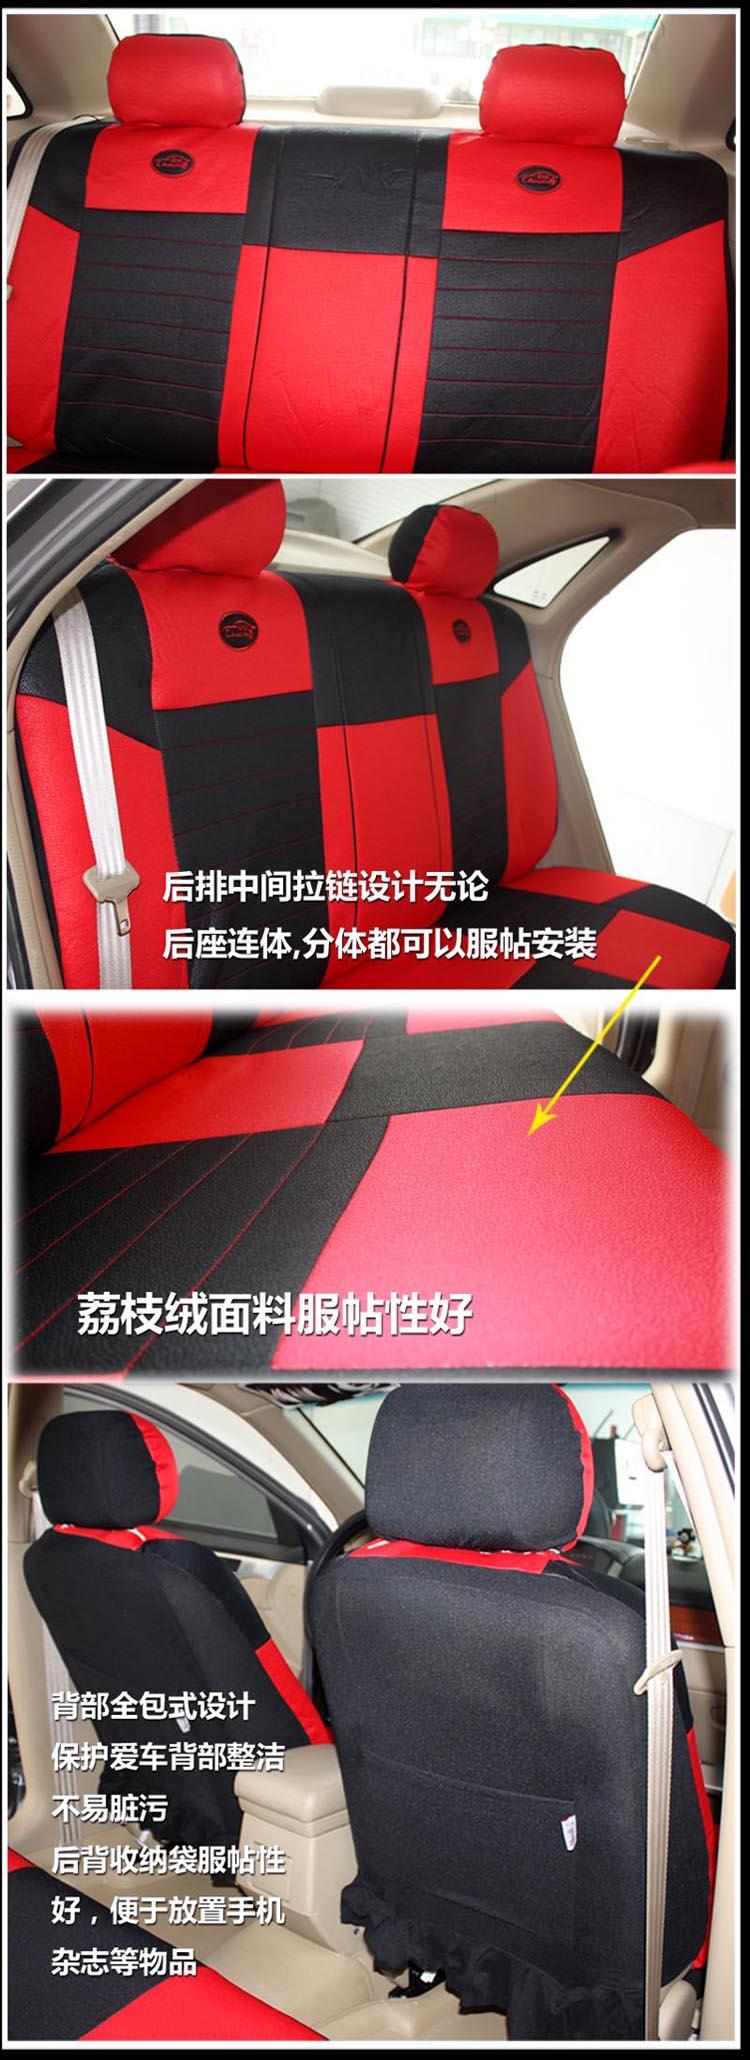 杭派新伊利皮-动感红色 大众polo/朗逸四季通用座椅套/汽车座套坐套